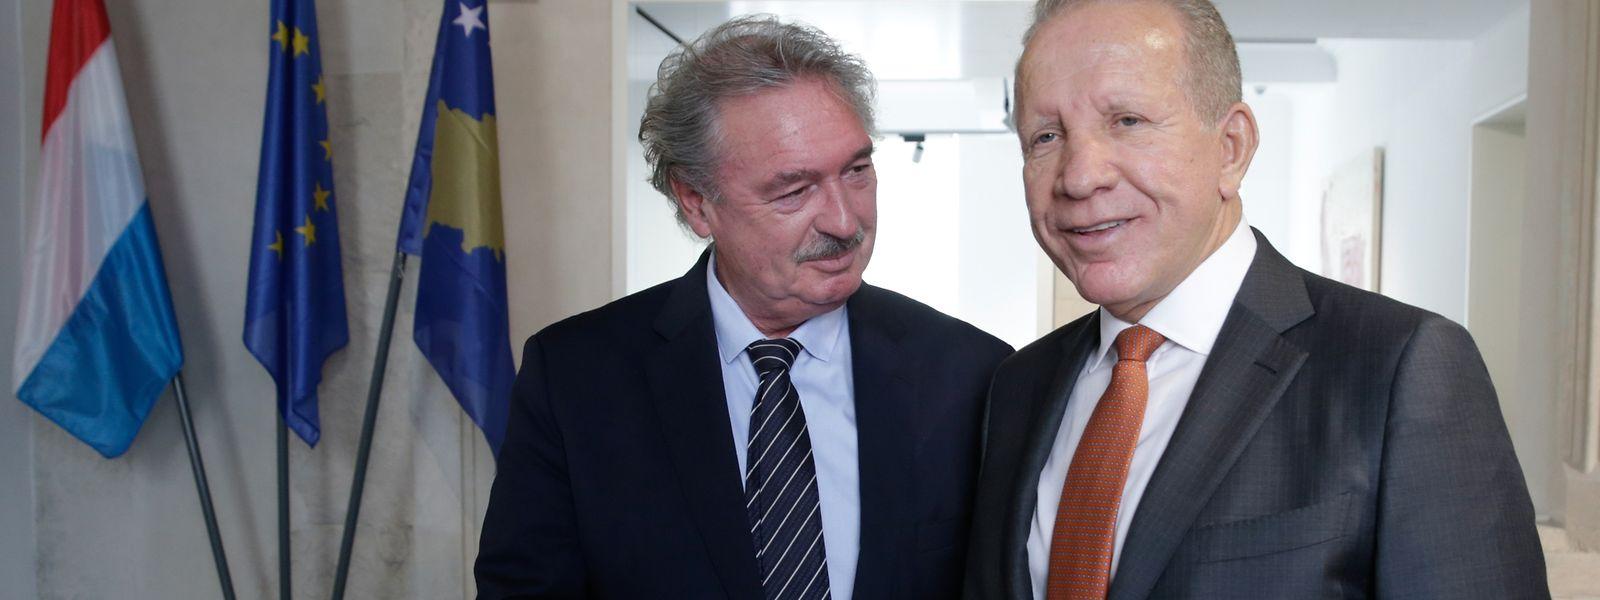 Jean Asselborn will seinen kosovarischen Amtskollegen Bhegjet Pacolli unter anderem beim Bestreben nach Visafreiheit unterstützen.